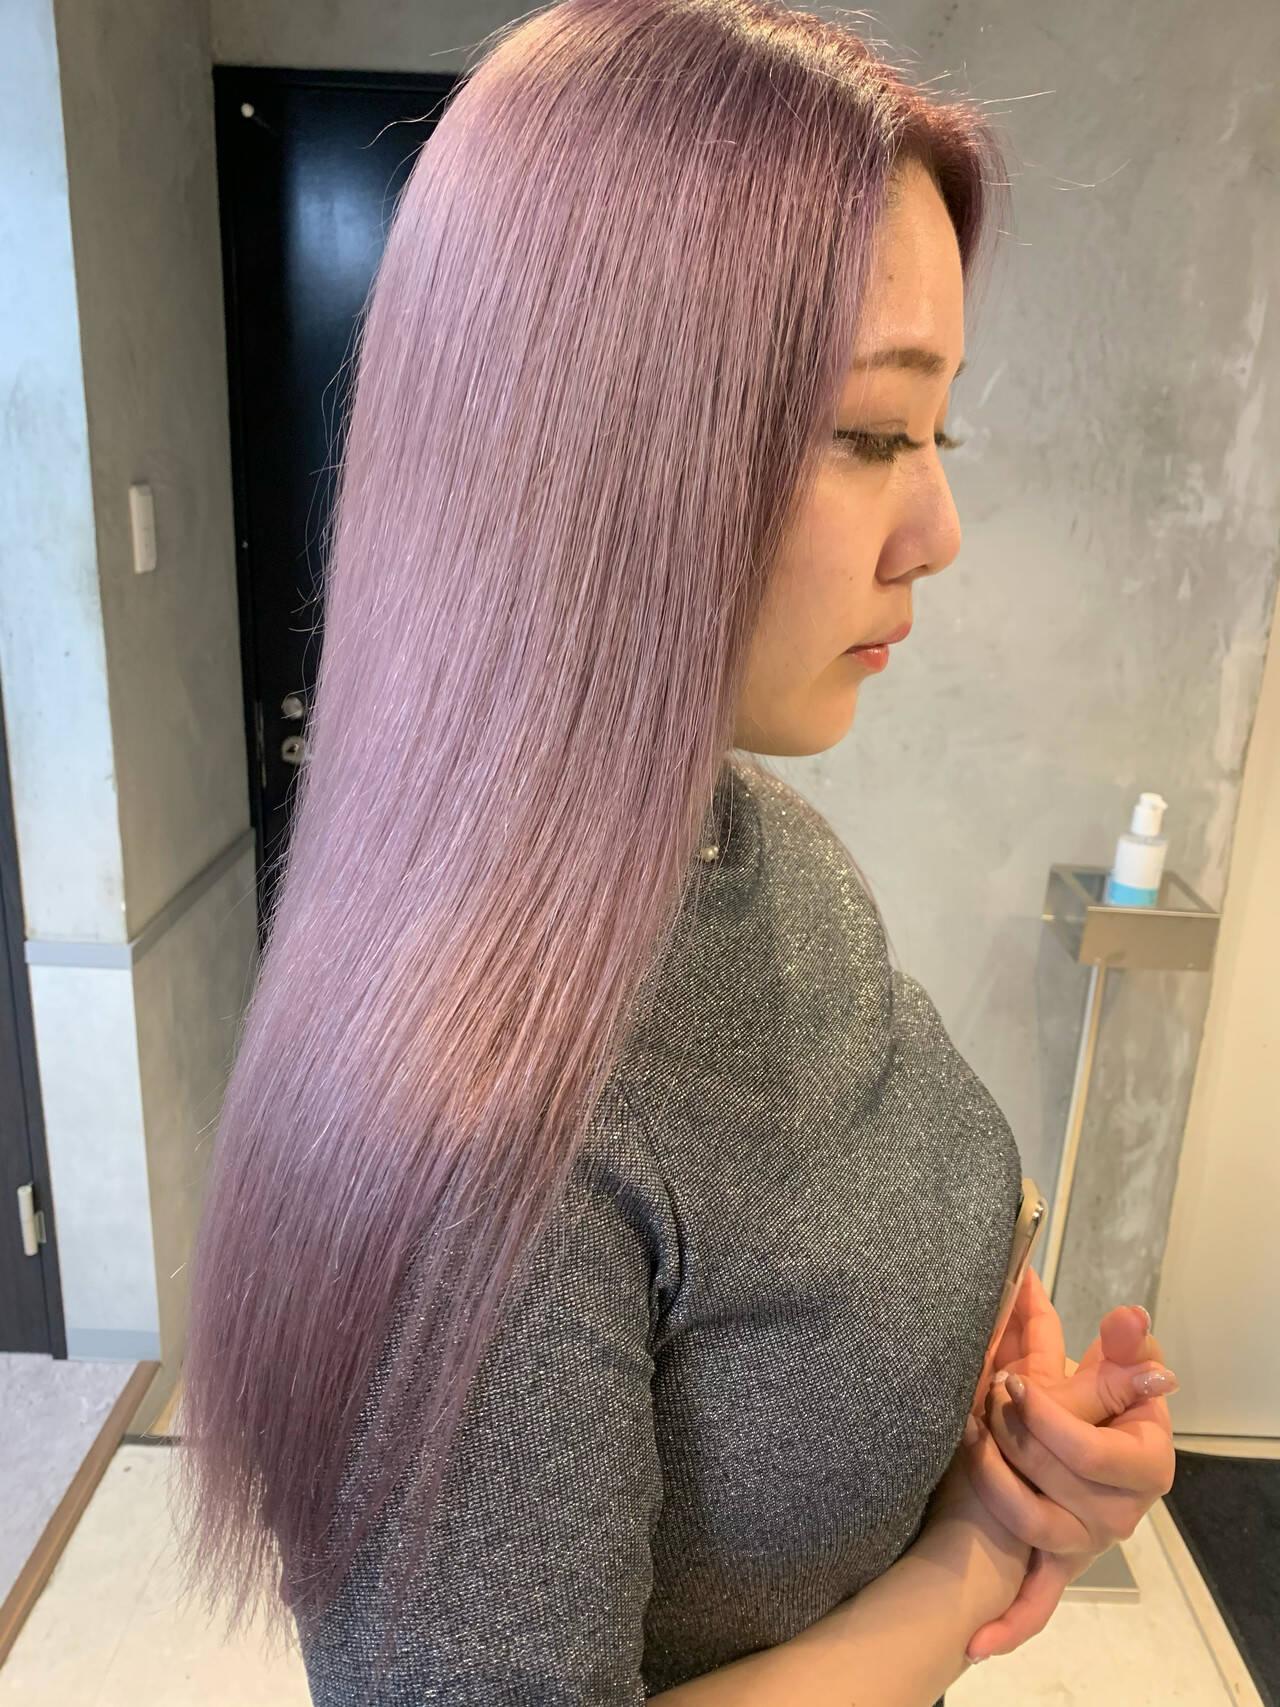 ラベンダーピンク ロング ピンクパープル ピンクバイオレットヘアスタイルや髪型の写真・画像